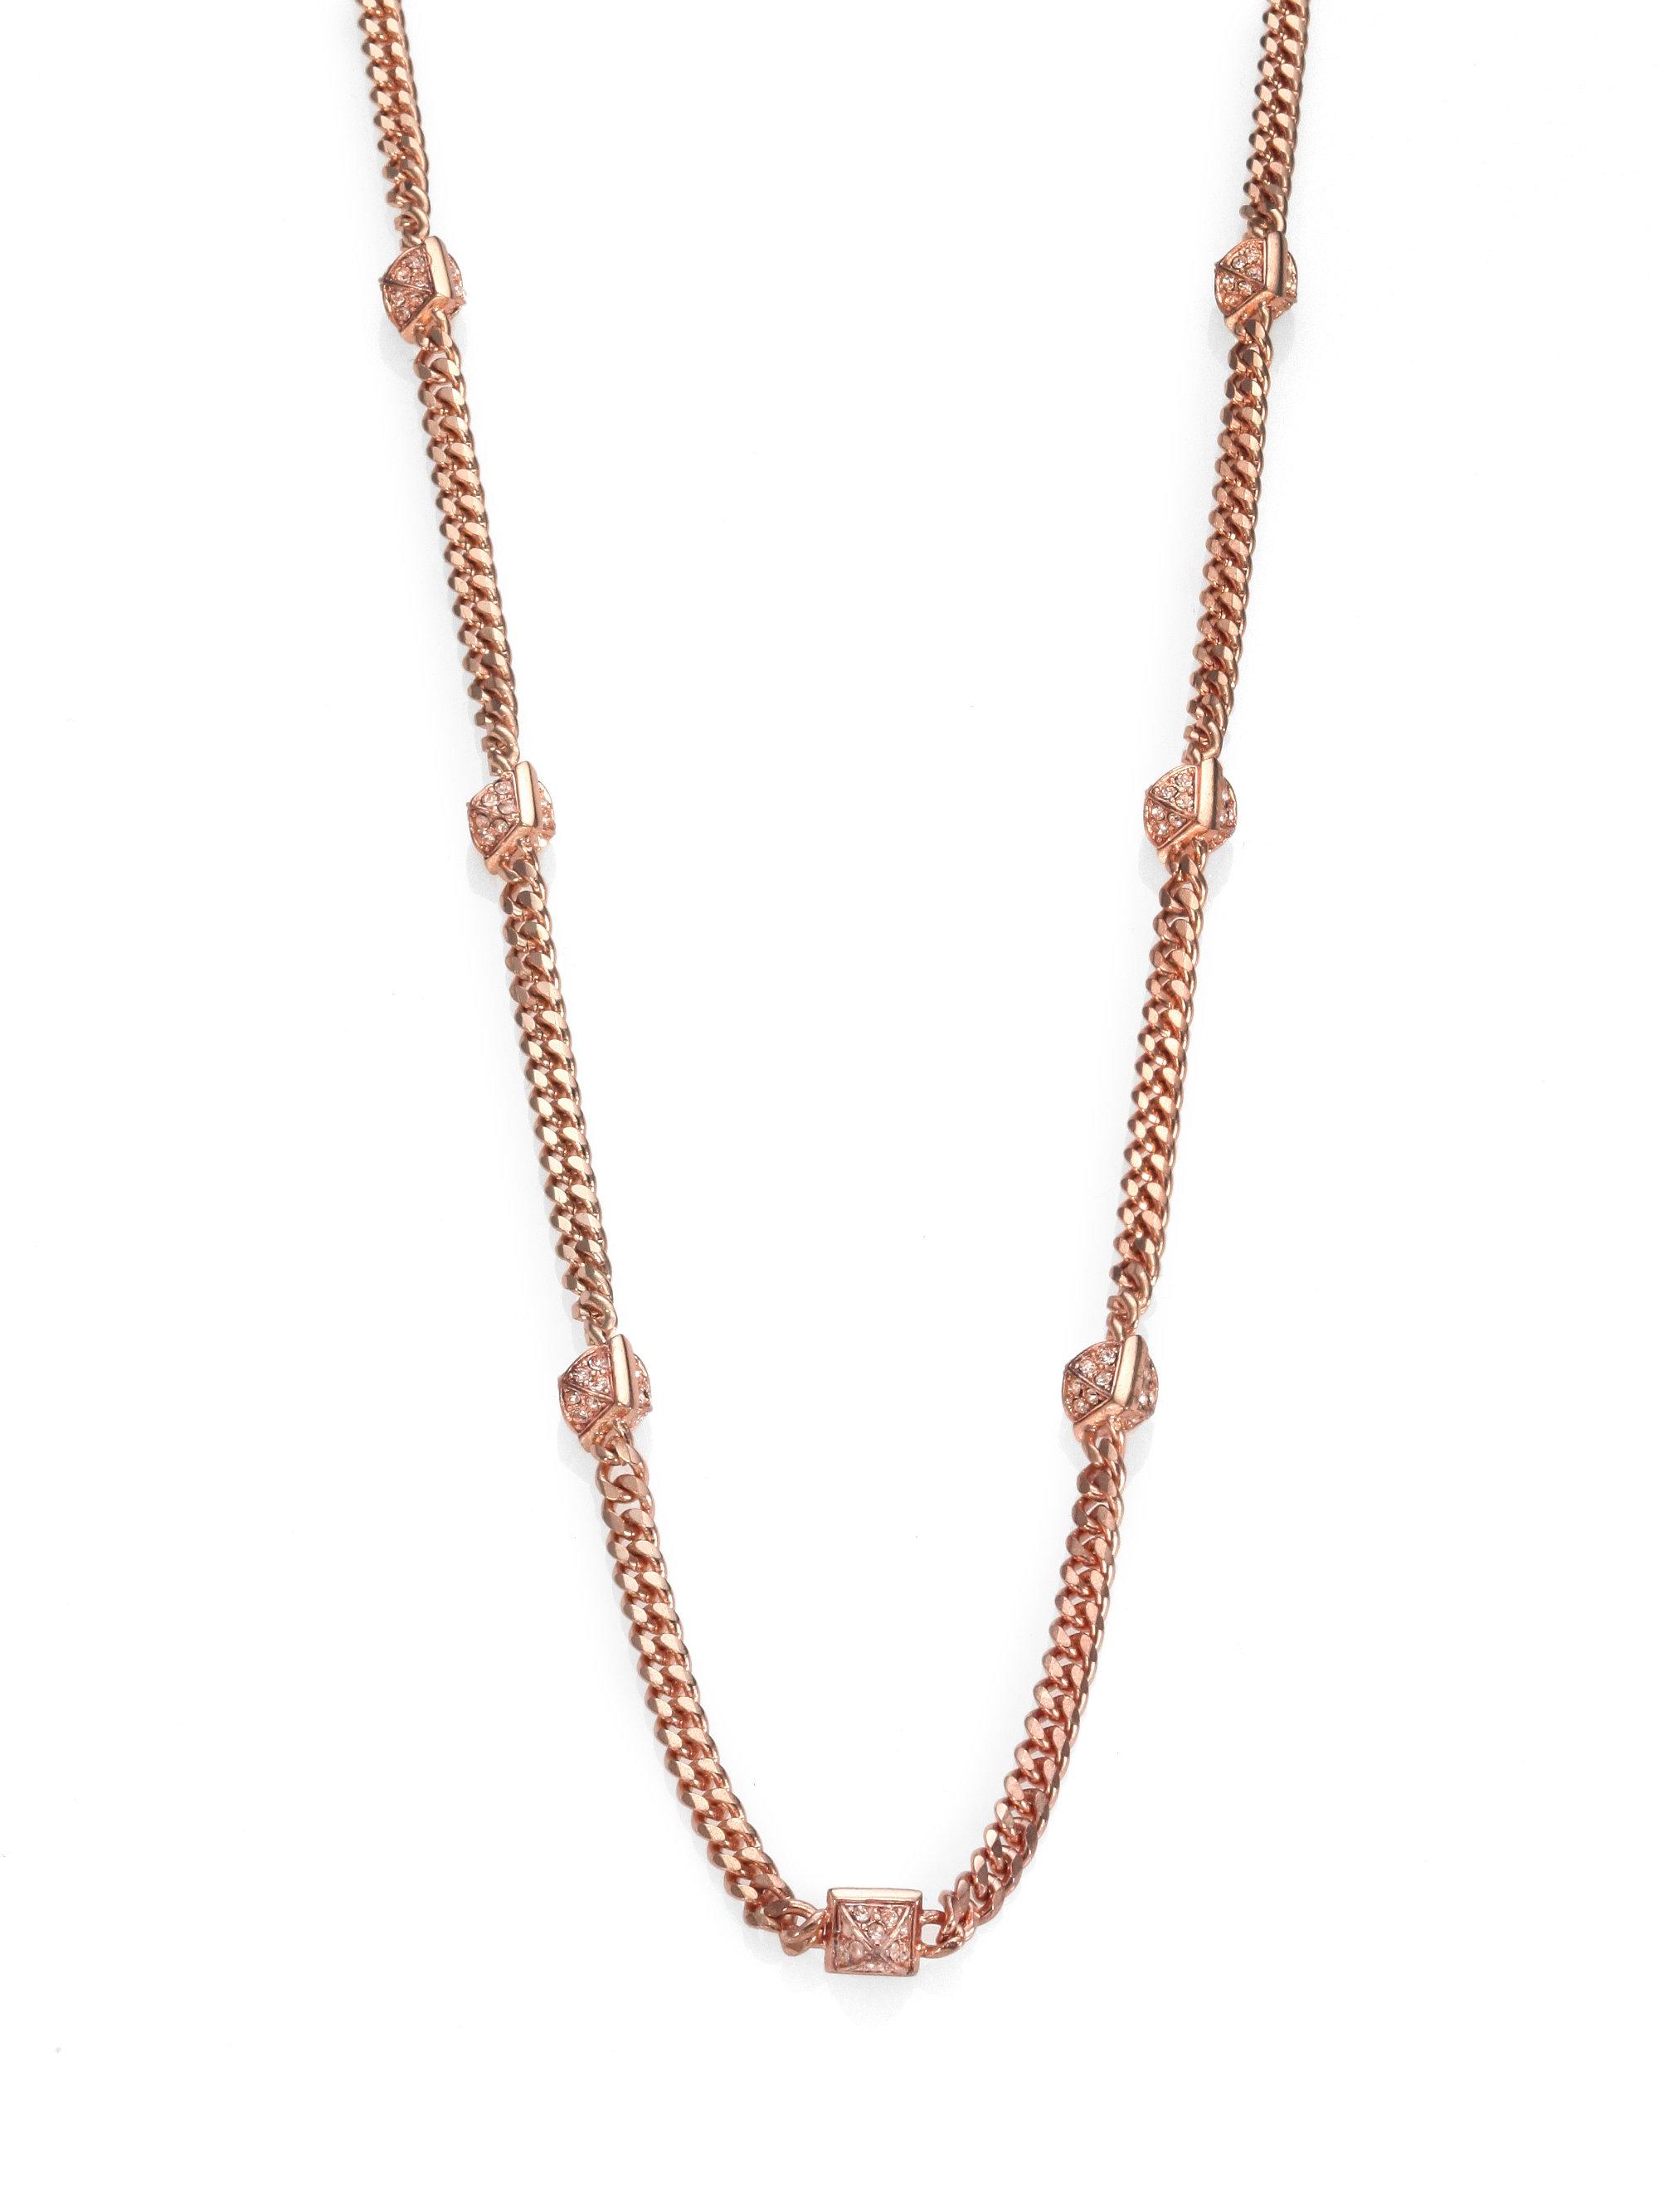 michael kors stud station necklace in gold rose gold lyst. Black Bedroom Furniture Sets. Home Design Ideas